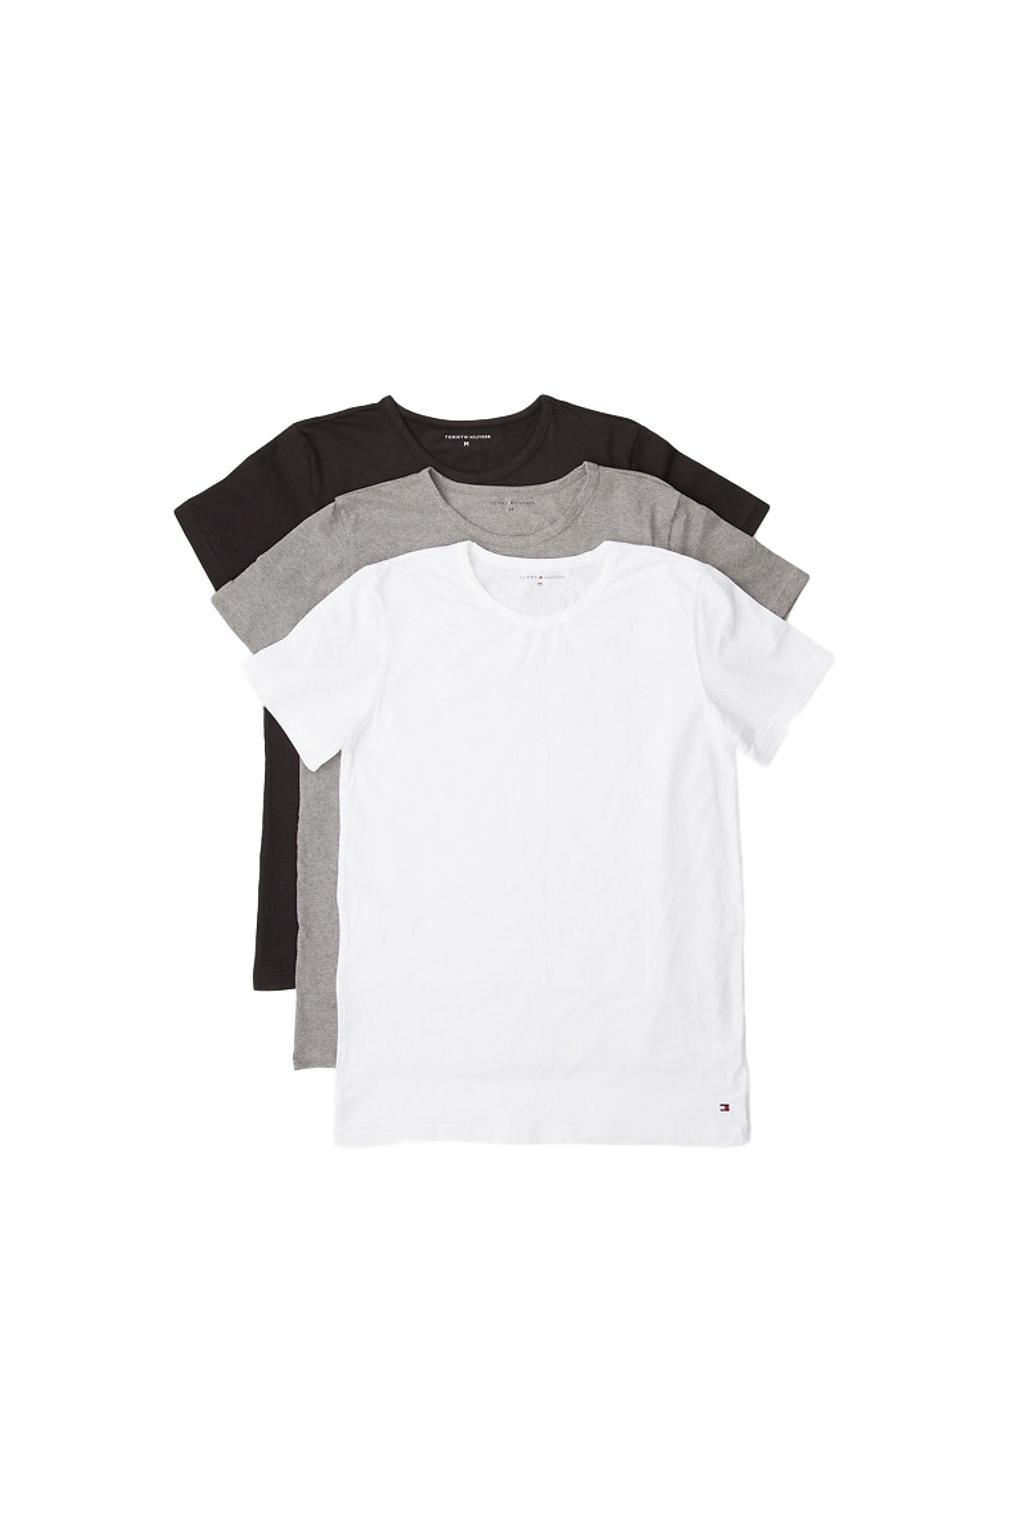 Tommy Hilfiger 3 balení Triček Icon - černá, šedá, bílá